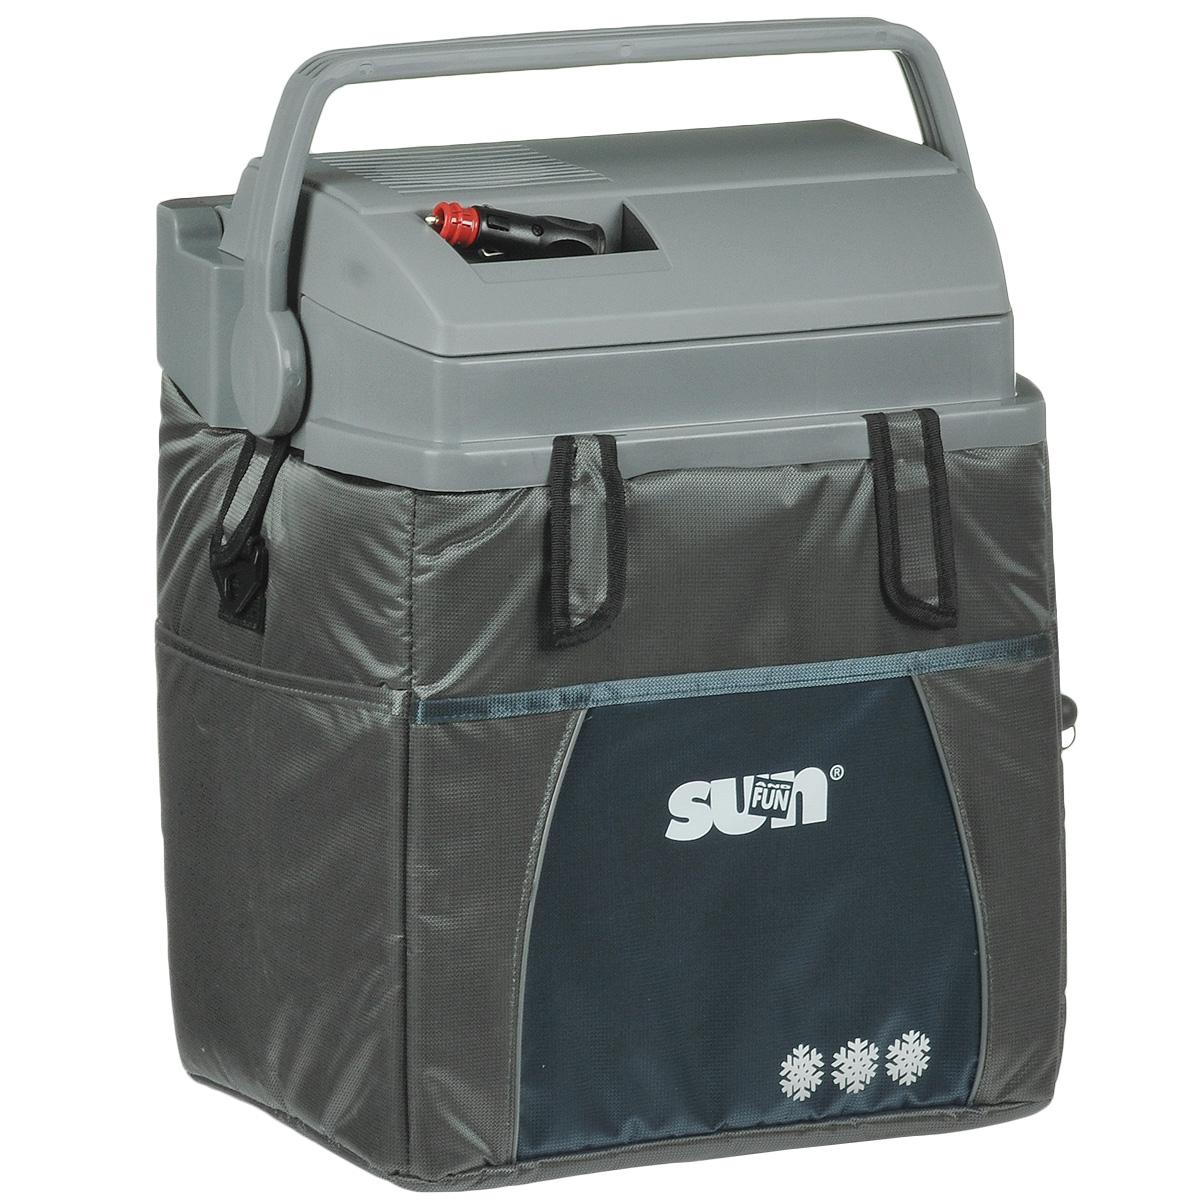 Термоэлектрический контейнер охлаждения Ezetil ESC 21 Sun & Fun 12V, цвет: серый, 19,6 лTF-14AU-12Термоэлектрический контейнер охлаждения Ezetil предназначен для использования в салоне автомобиля в качестве портативного холодильника. Контейнер выполнен из высококачественного пластика, корпус гладкий, эргономичного дизайна, ударопрочный; отделан прочной, легко моющейся тканью с боковыми карманами. Принцип действия термоэлектрического контейнера (холодильника) основан на свойстве полупроводниковых пластин, это свойство получило название эффект Пельтье. При протекании тока через полупроводниковую пластину одна сторона ее охлаждается (этой стороной пластина обращена внутрь контейнера), другая сторона - нагревается (эта сторона обращена наружу и охлаждается вентилятором). Дополнительный внутренний вентилятор в холодильной камере обеспечивает быстрое и равномерное охлаждение. Мощная, не нуждающаяся в техобслуживании охлаждающая система Peltier гарантирует оптимальную мощность охлаждения. Модель оснащена интеллектуальной системой энергосбережения.Изоляция с наполнителем из пеноматериала поддерживает в холодном состоянии пищу и напитки в течение длительного времени в т.ч. и без подачи электроэнергии. Для повышения эффективности термоэлектрического контейнера (холодильника), а также когда он не подключен к сети (например, на даче, на пикнике) внутрь автохолодильника можно поместить аккумуляторы холода (в комплект не входят). Специальная уплотнительная резина в крышке уменьшает образование конденсата в холодильной камере. Это особенно важно при охлаждении продуктов питания. Контейнер работает от бортовой сети автомобиля 12 вольт. Шнур питания вмонтирован в специальный отсек на верхней части крышки. Контейнер имеет широко открывающуюся крышку для легкого доступа к продуктам и усиленную подвижную ручку. Крышка плотно и герметично закрывается. Контейнер очень вместительный: в него с легкостью вместятся 6 бутылок по 1,5 л или 30 алюминиевых банок по 0,33 л. Контейнер снабжен отст